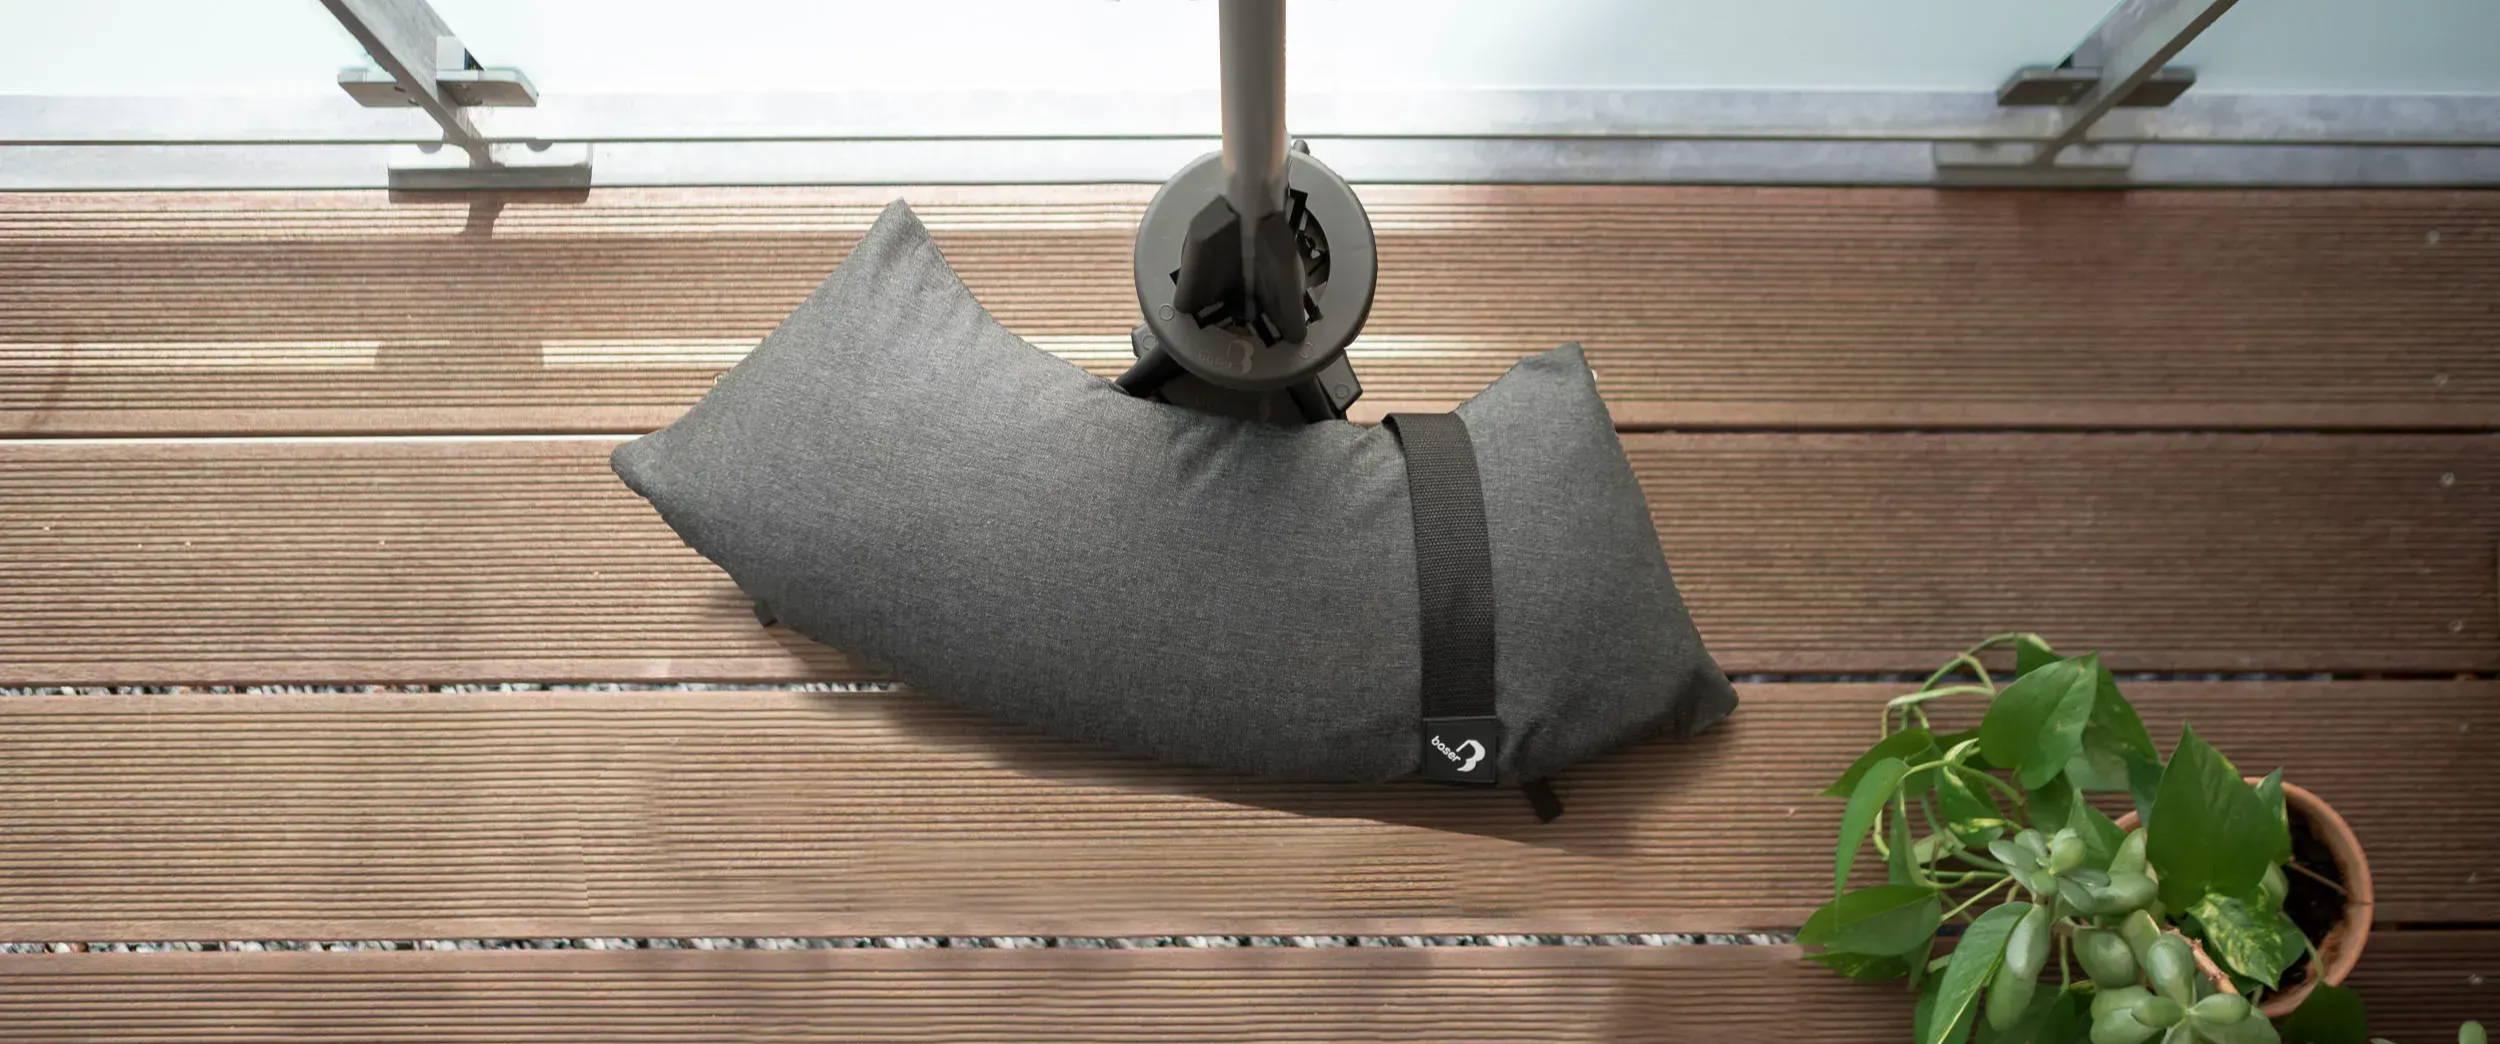 Baser altan parasolfod